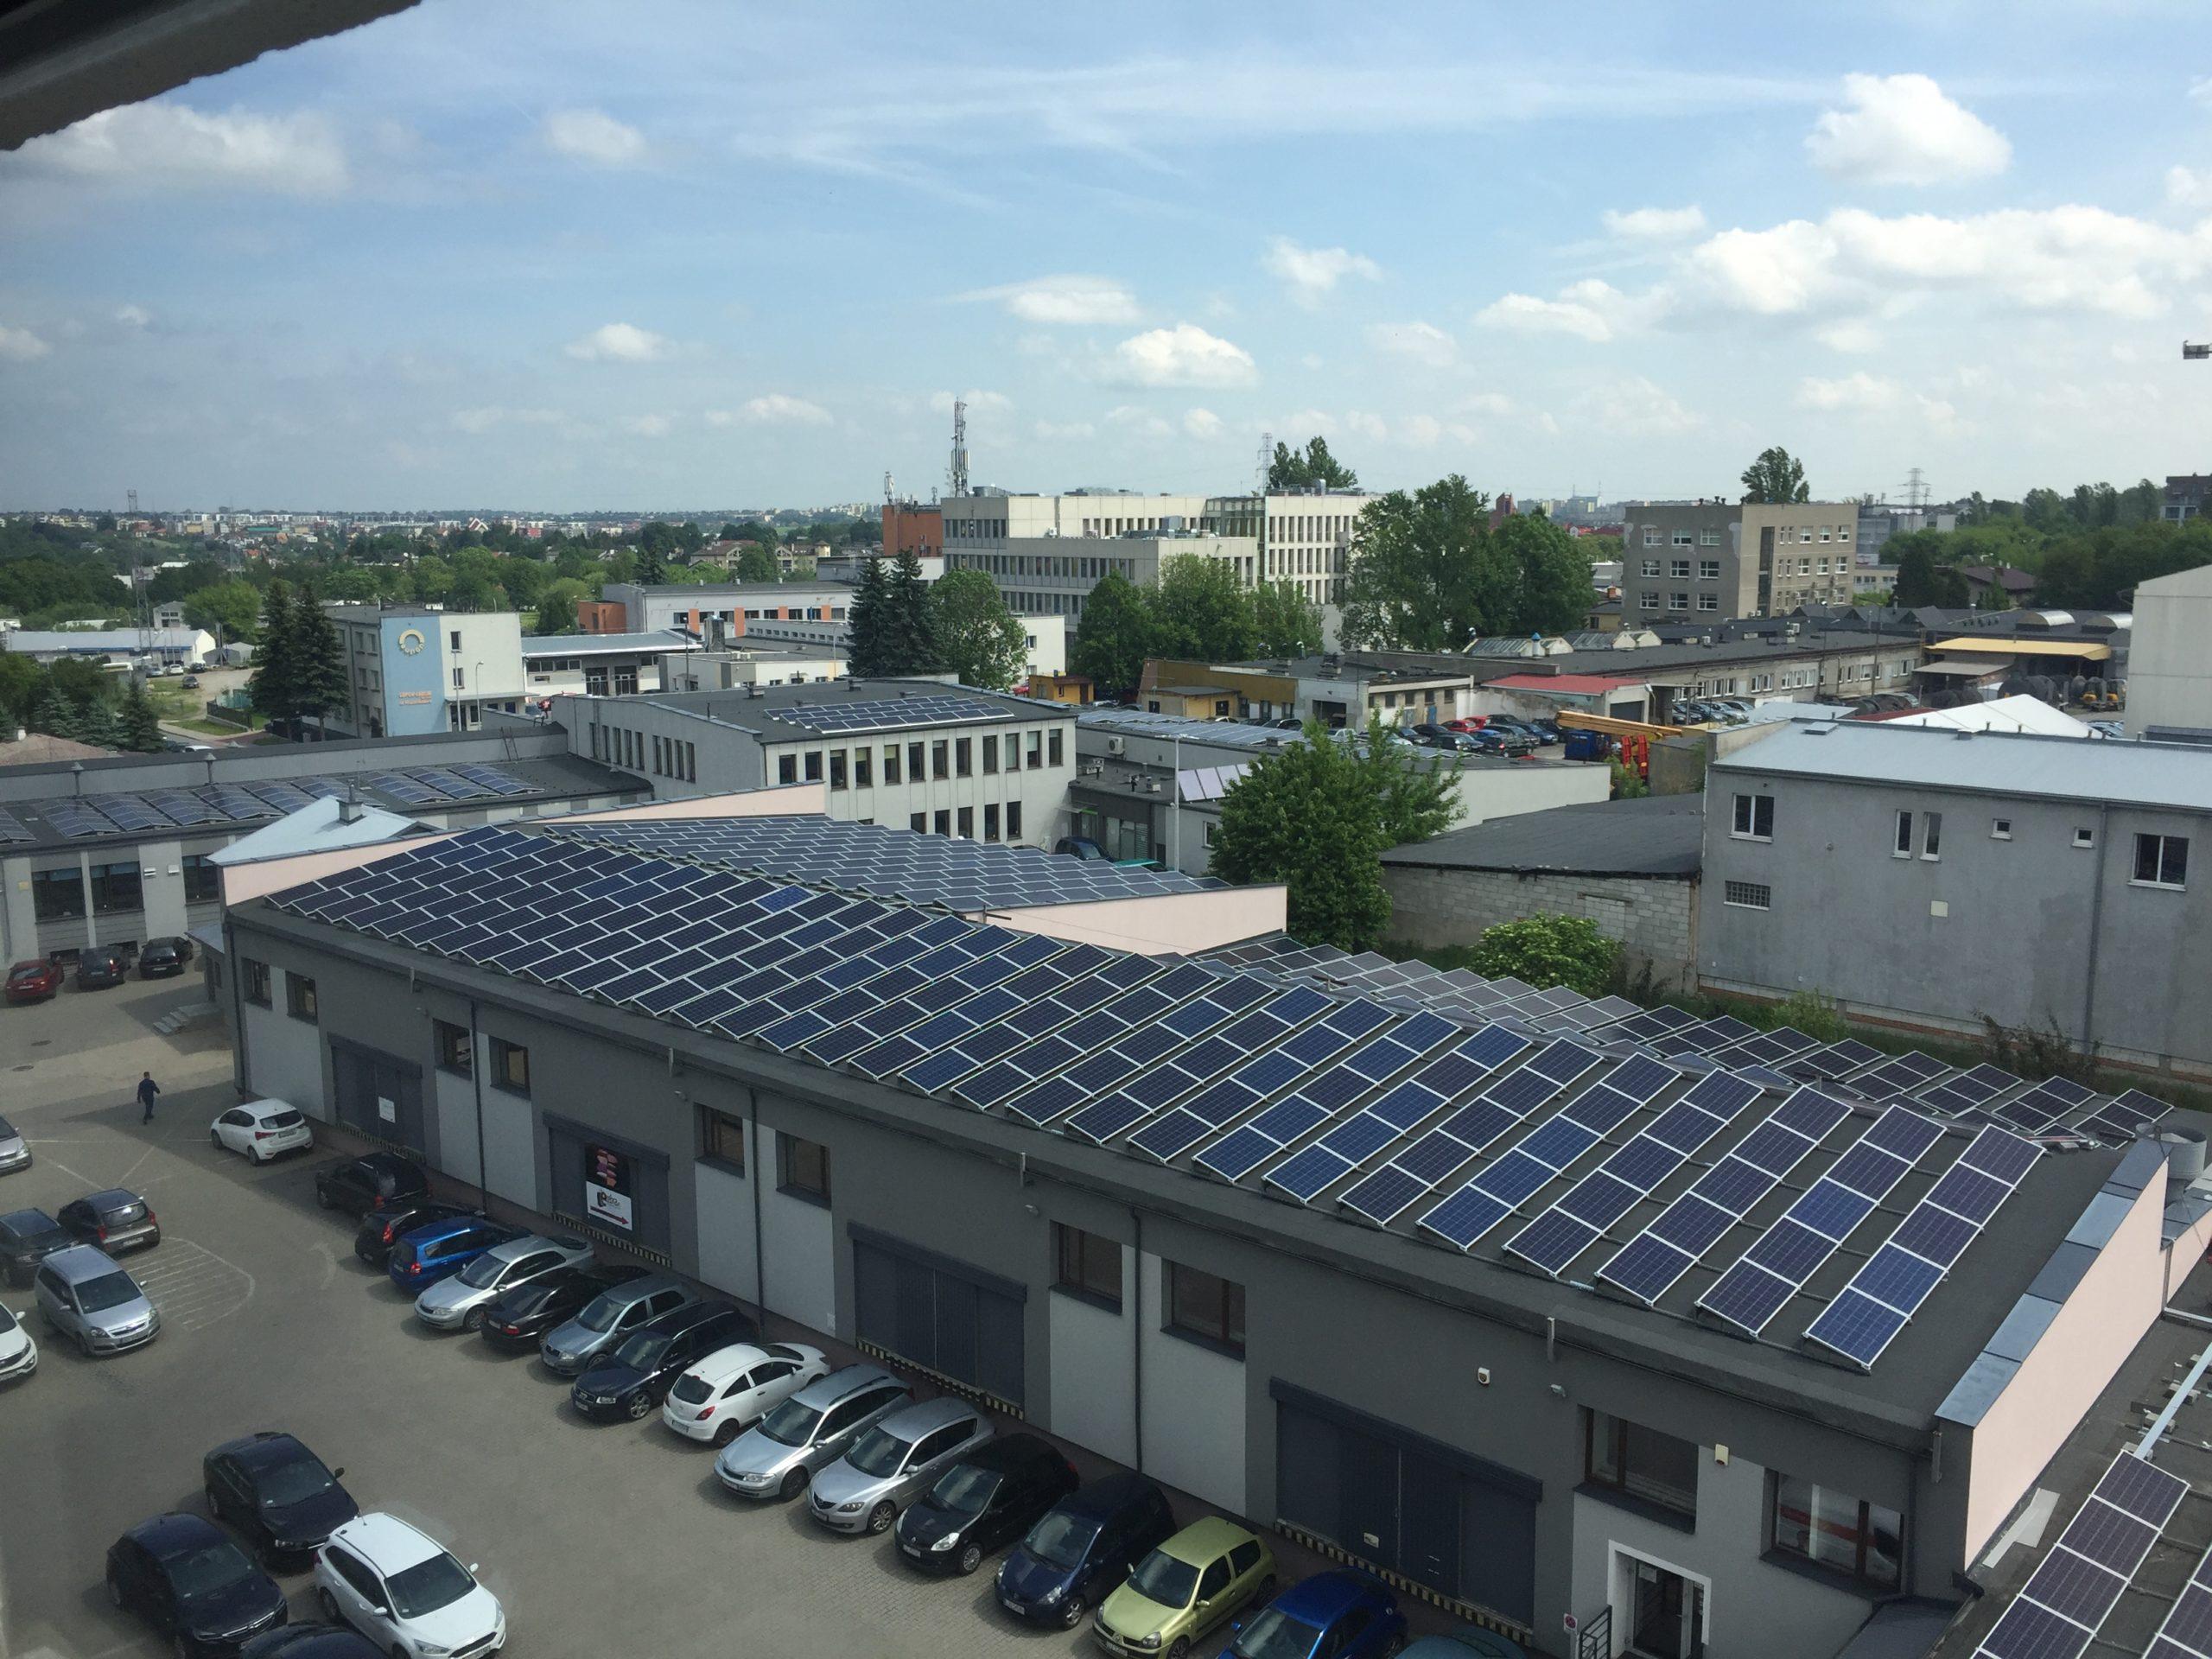 Wojciechowska 9A, Skromna3 - widok na instalacje 160 kWp +80 kWp